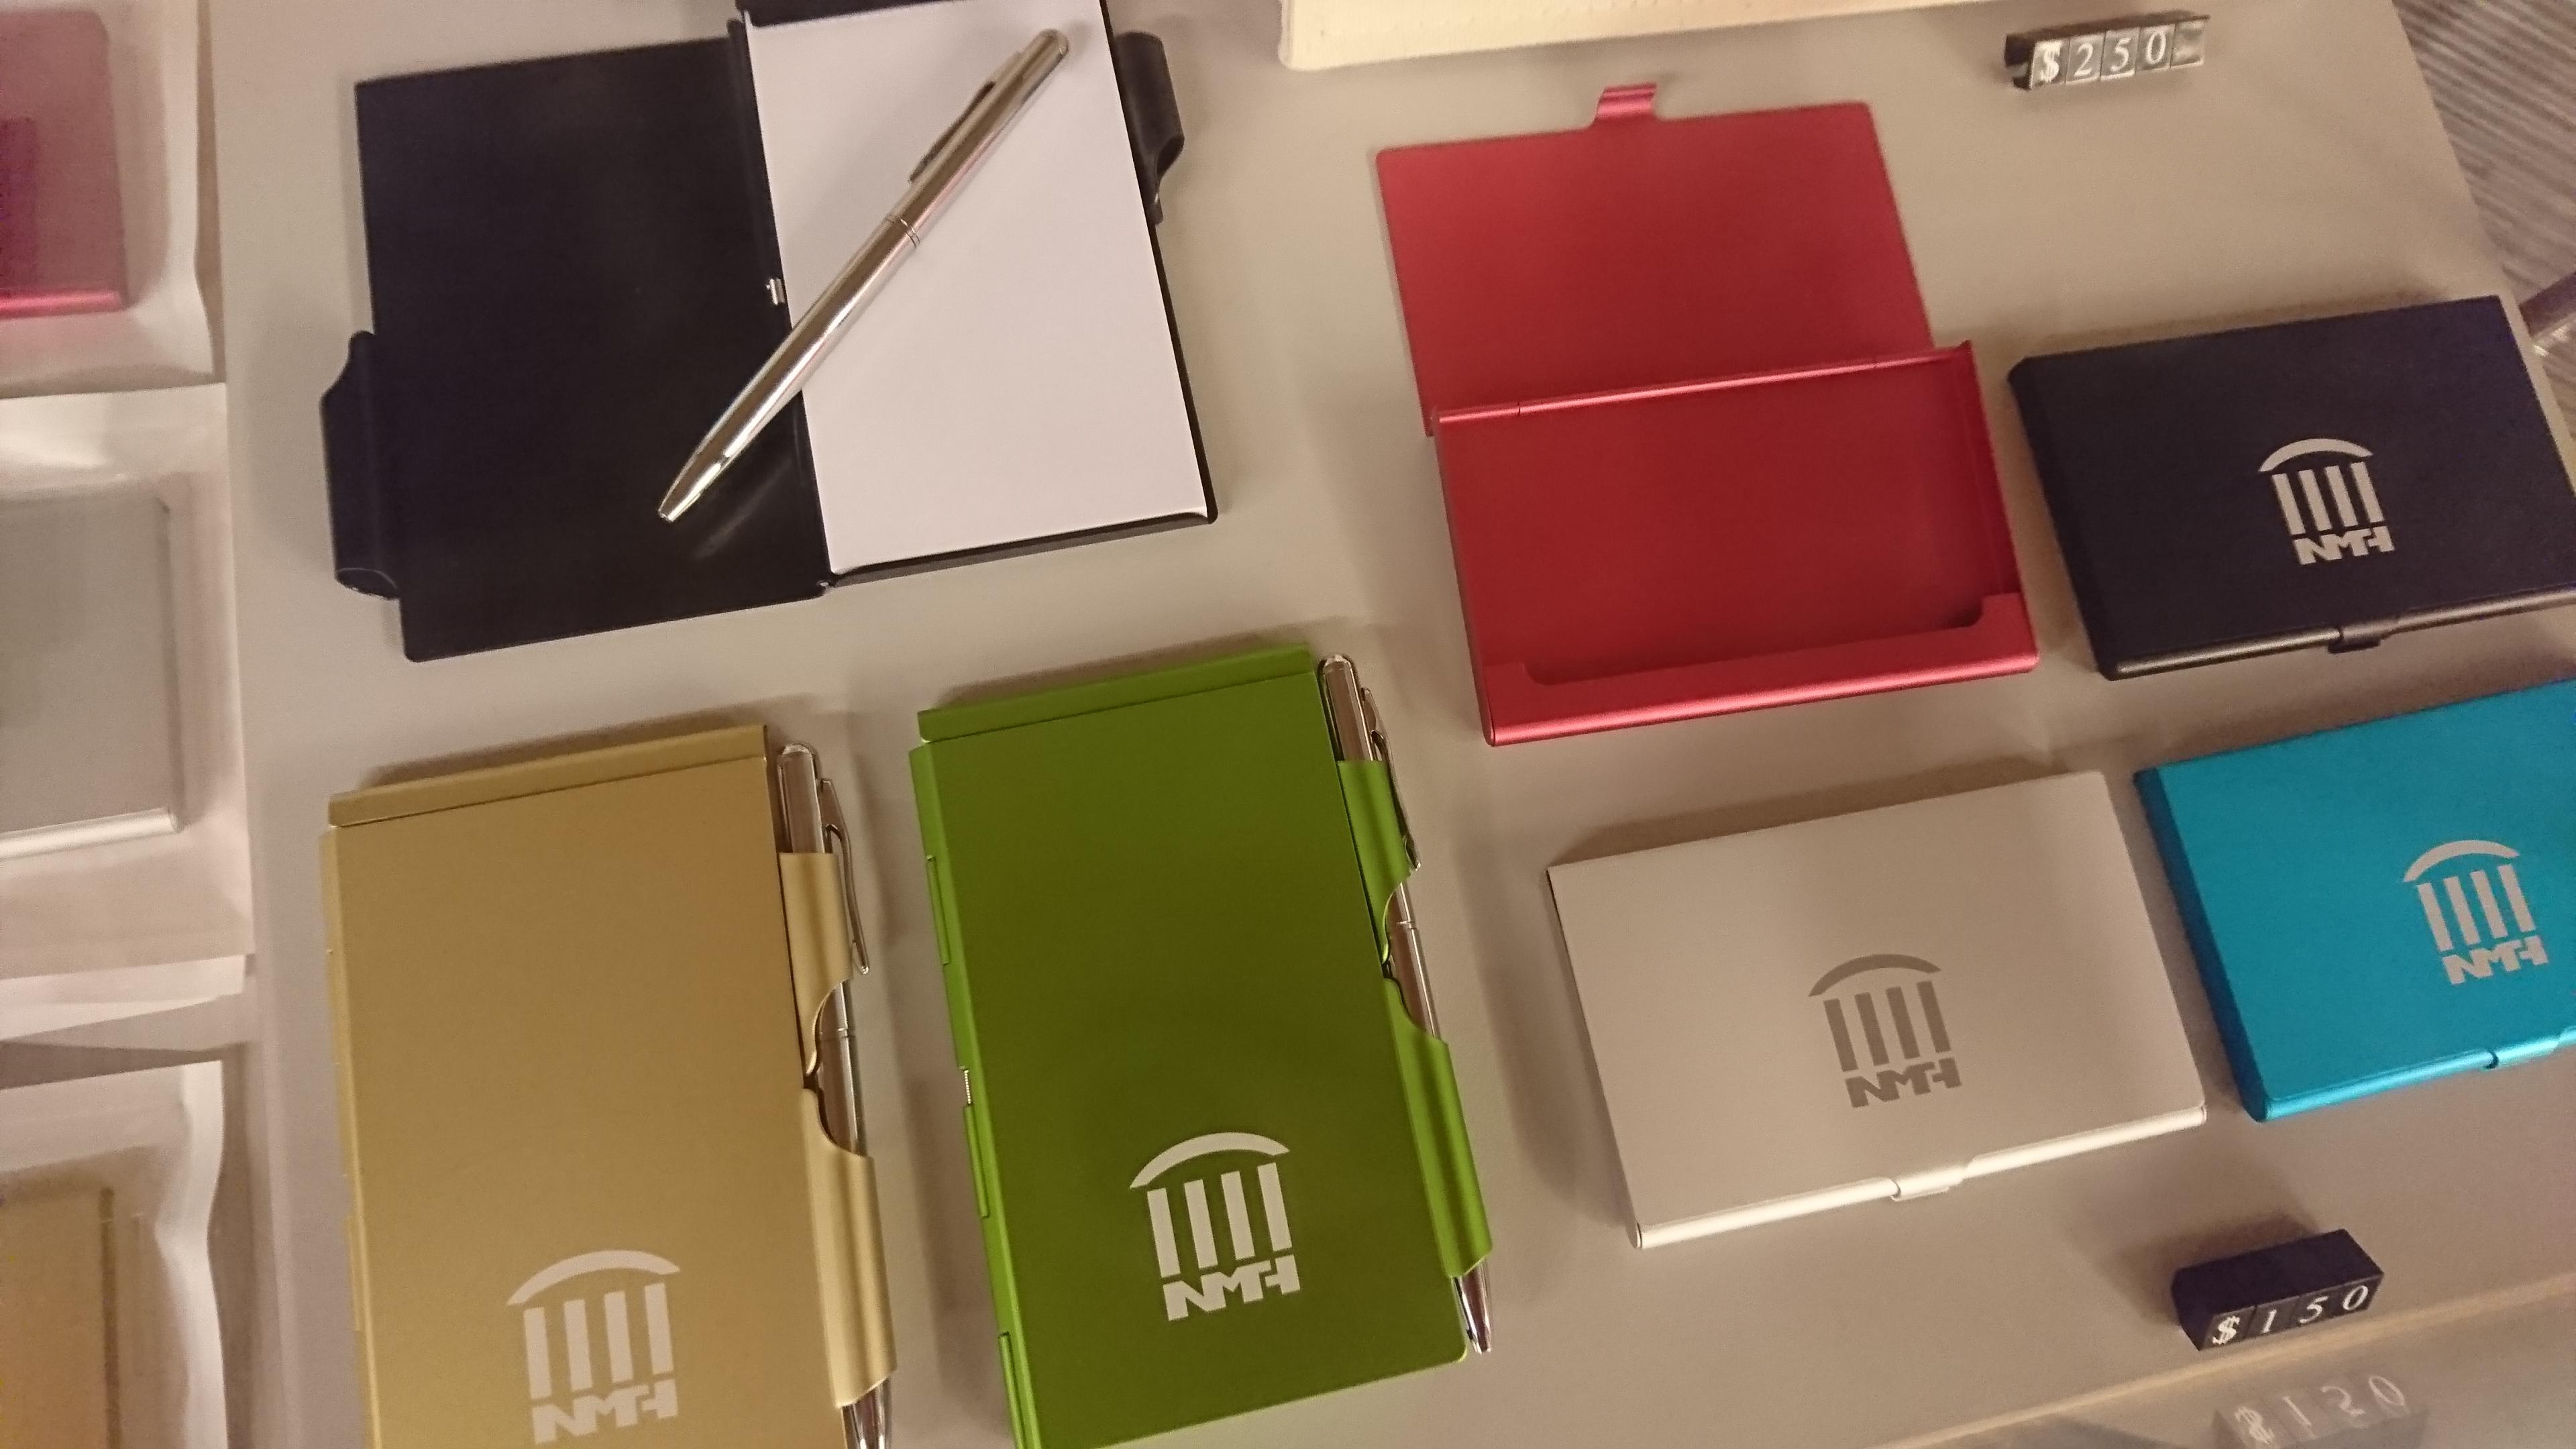 2.館徽名片盒及便條本(一點點).JPG